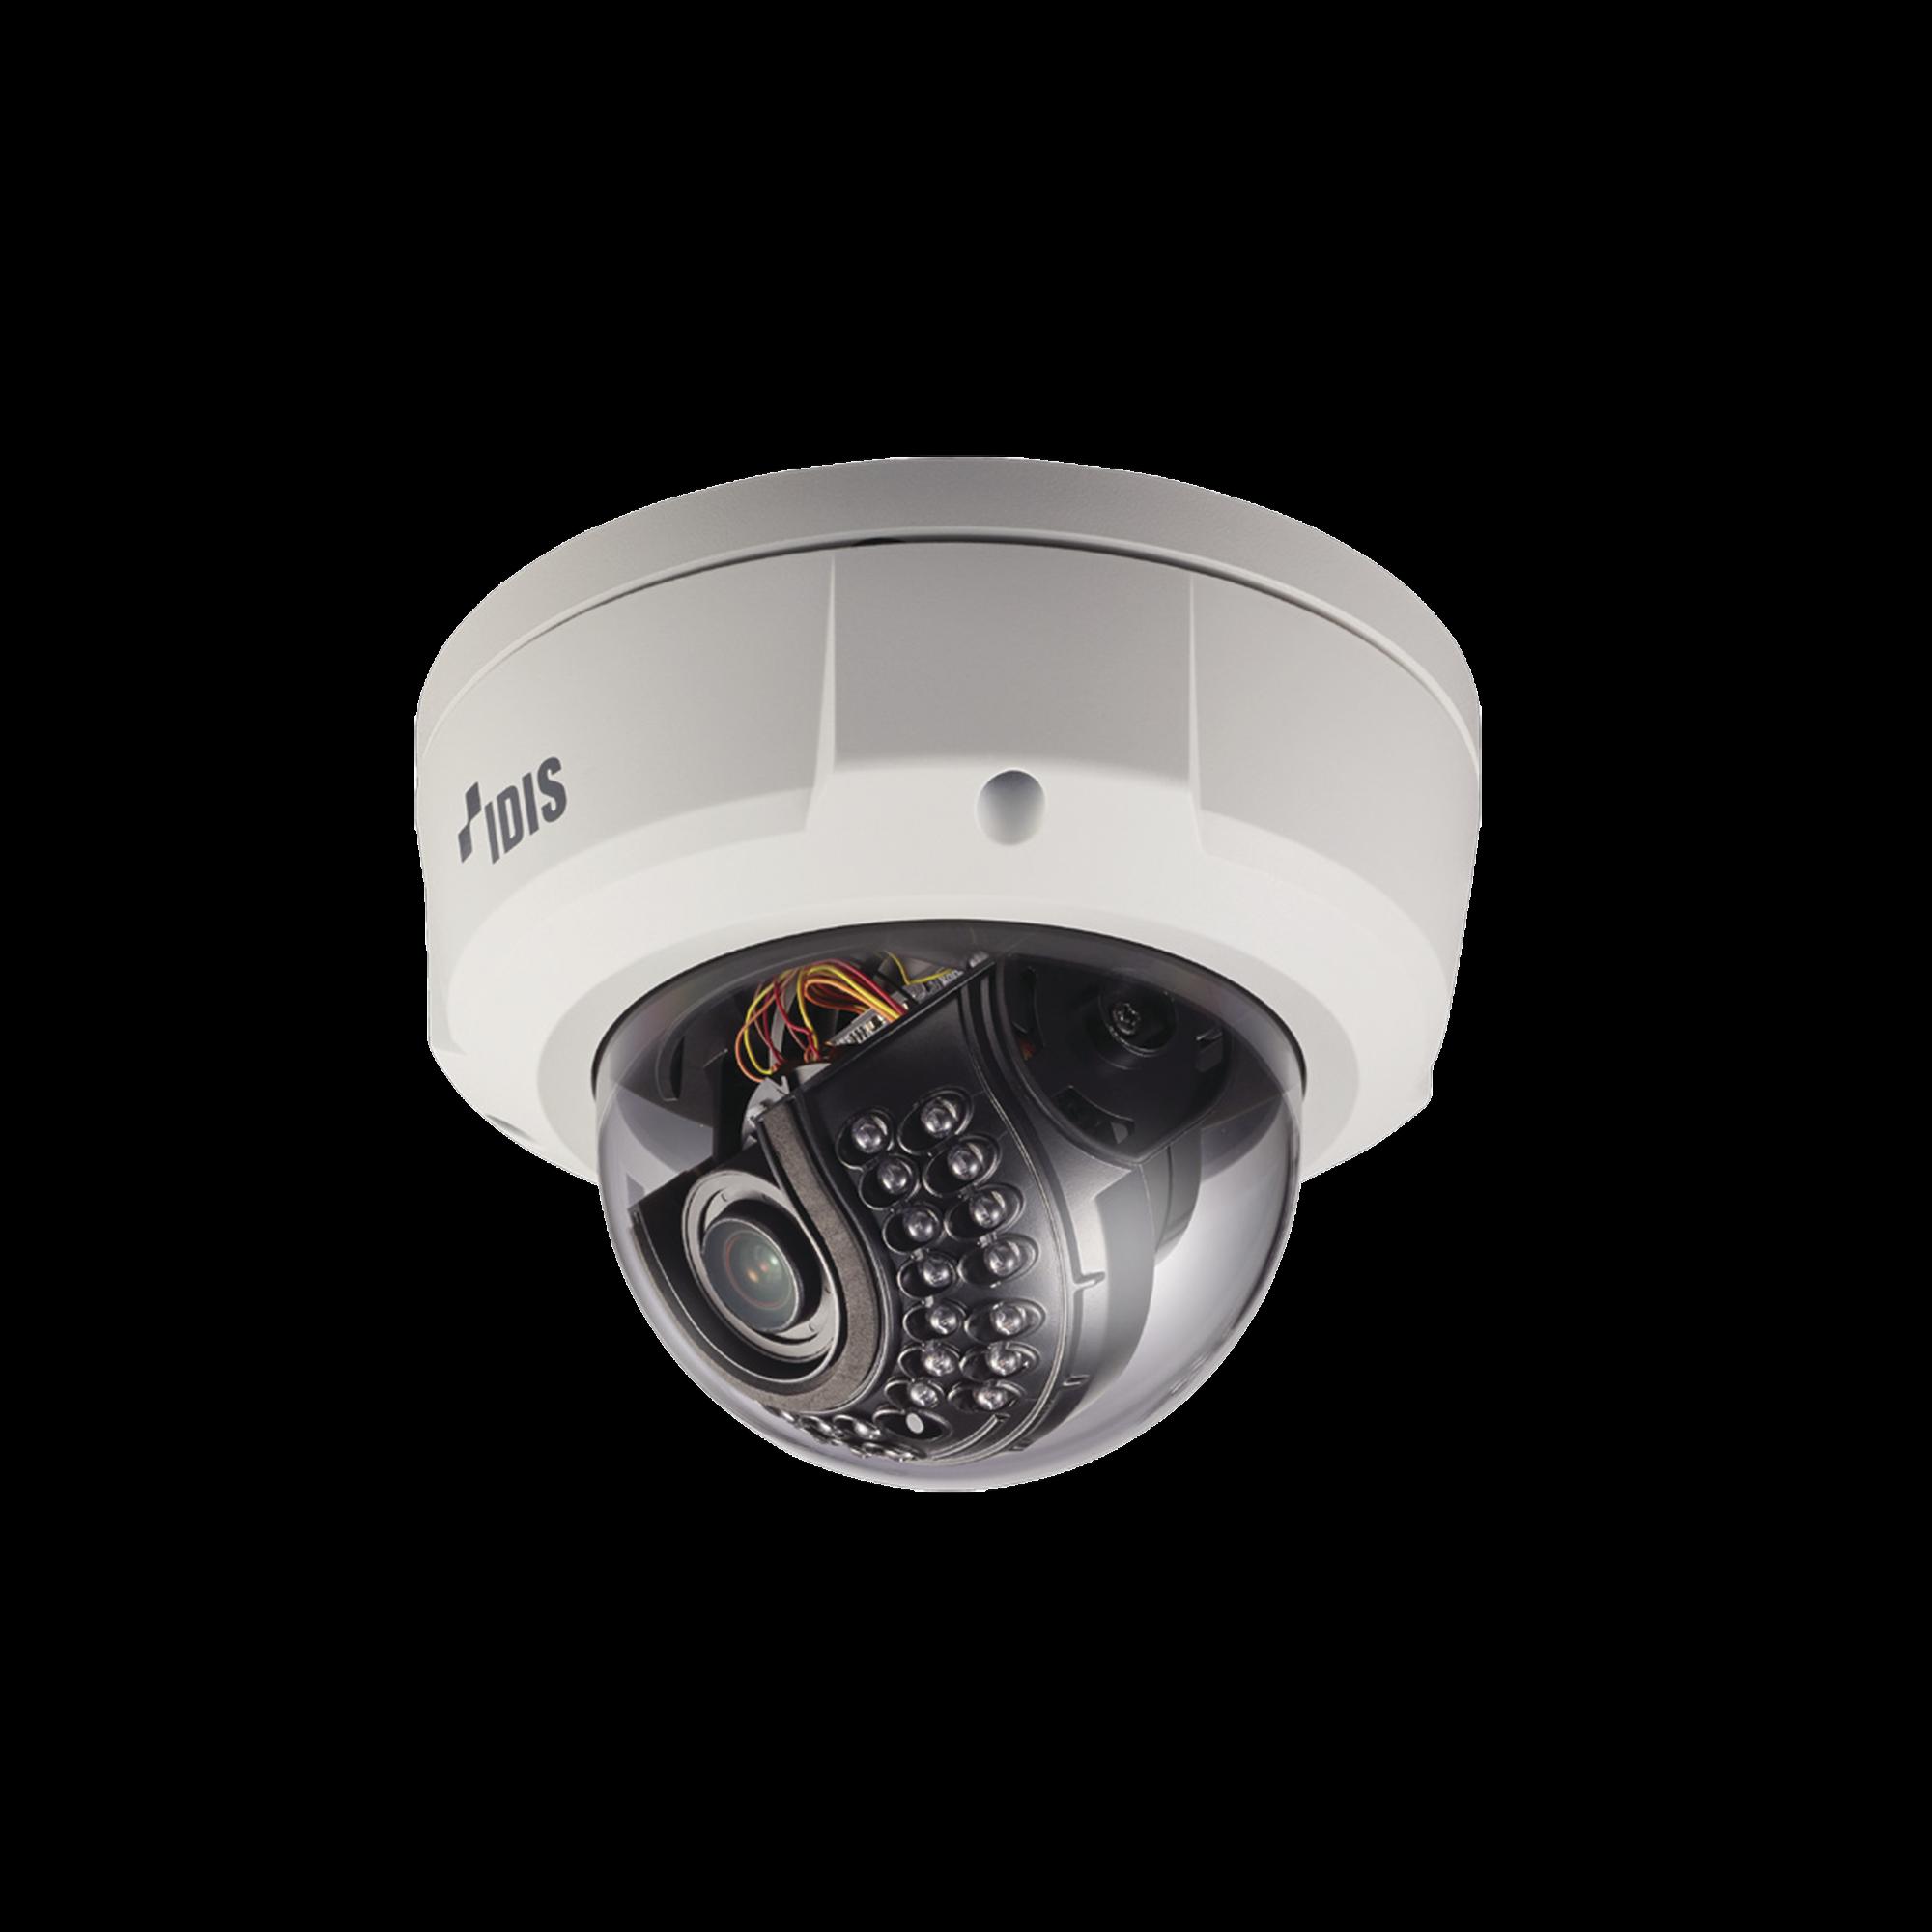 Cámara IP Domo Antivandálico | 2MP (H.265) | Lente MOTORIZADO Varifocal 3.3-10mm | Exterior | Entrada / Salida de Audio y Alarma | IR 20m | WDR 120dB